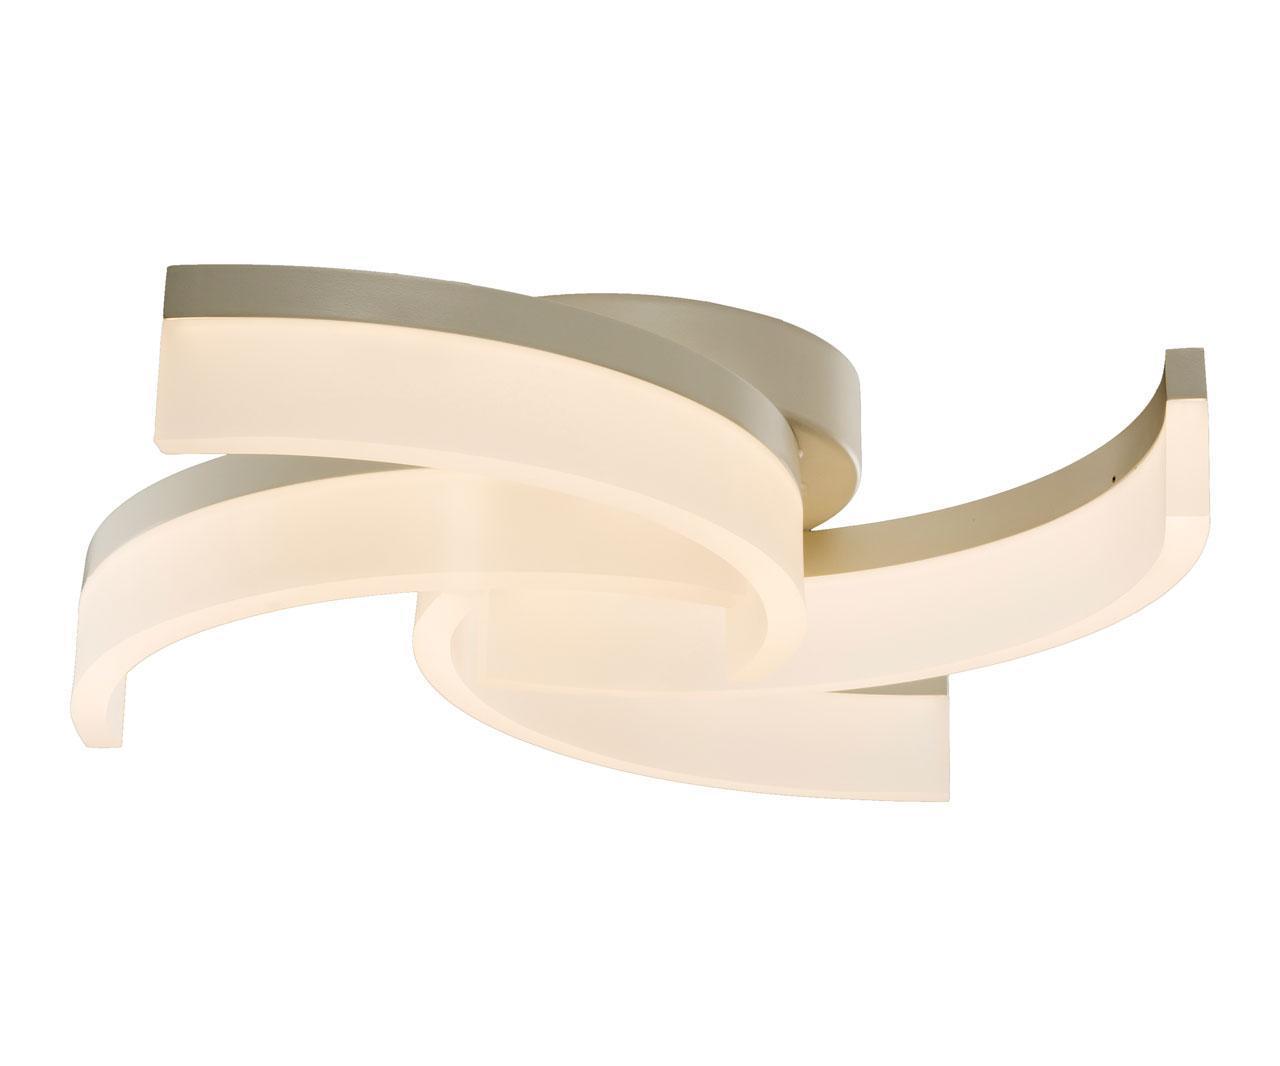 Потолочный светодиодный светильник Kink Light Фейерверк 07994,01 kink light светильник фейерверк